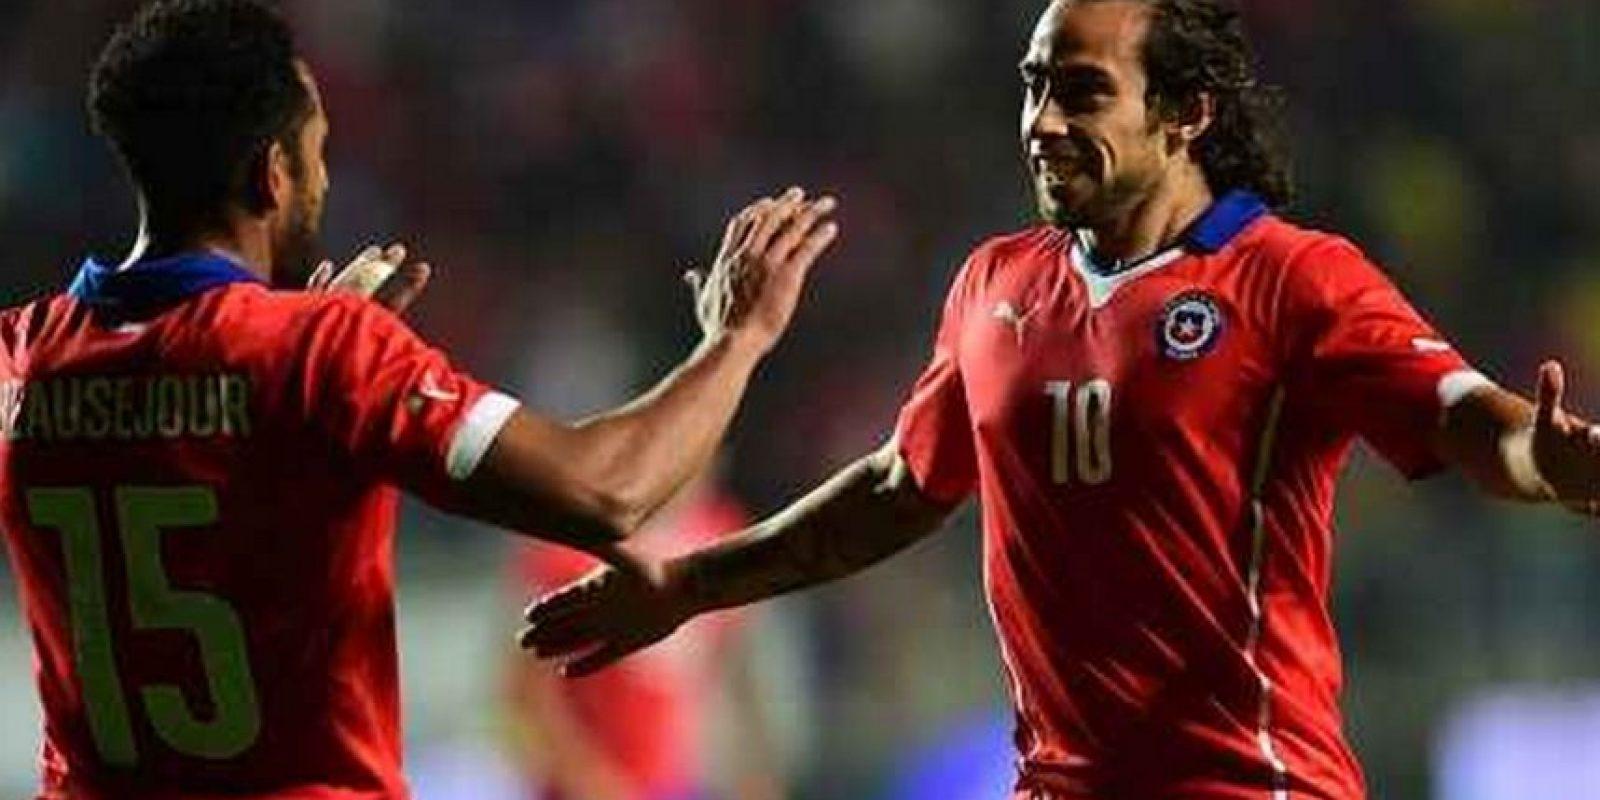 ¿A qué ronda llegará Chile? Si se queda en cuartos de final pagan 24.5 dólares, pero si es campeón la casa da cinco dólares Foto:Vía ca2015.com